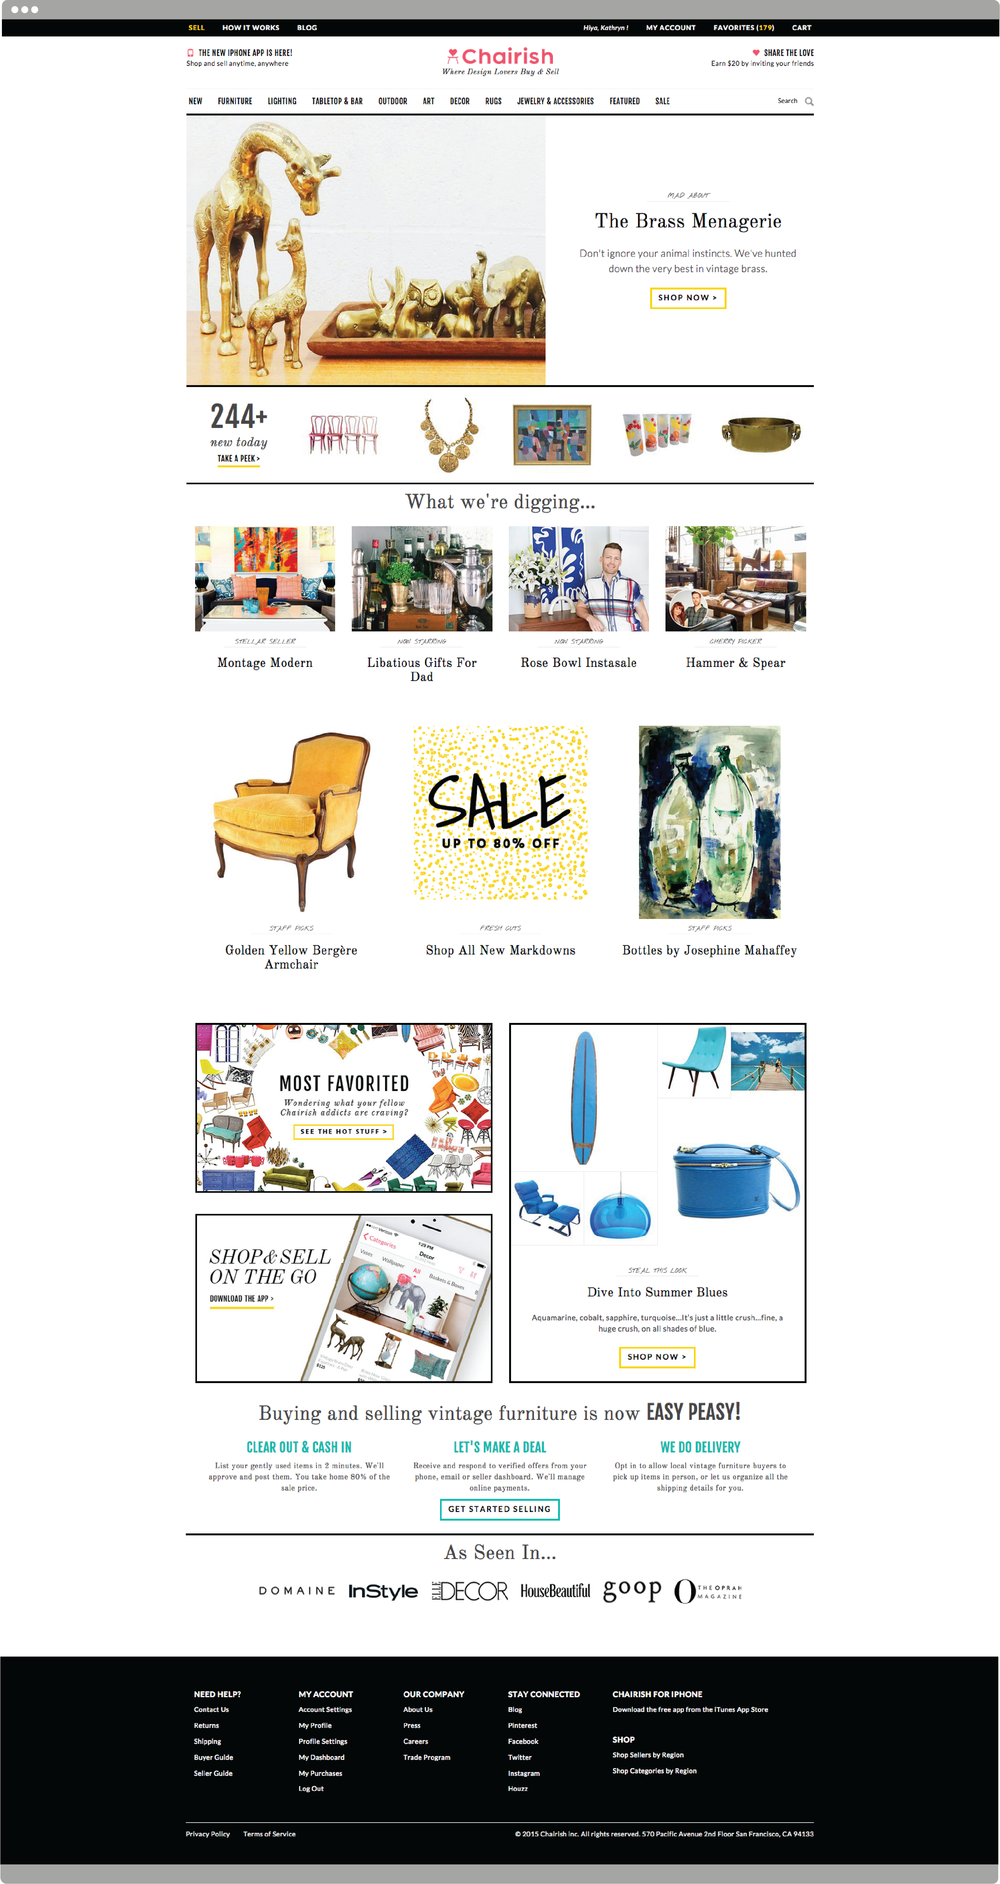 Chairish-homepage-mockup-02.png